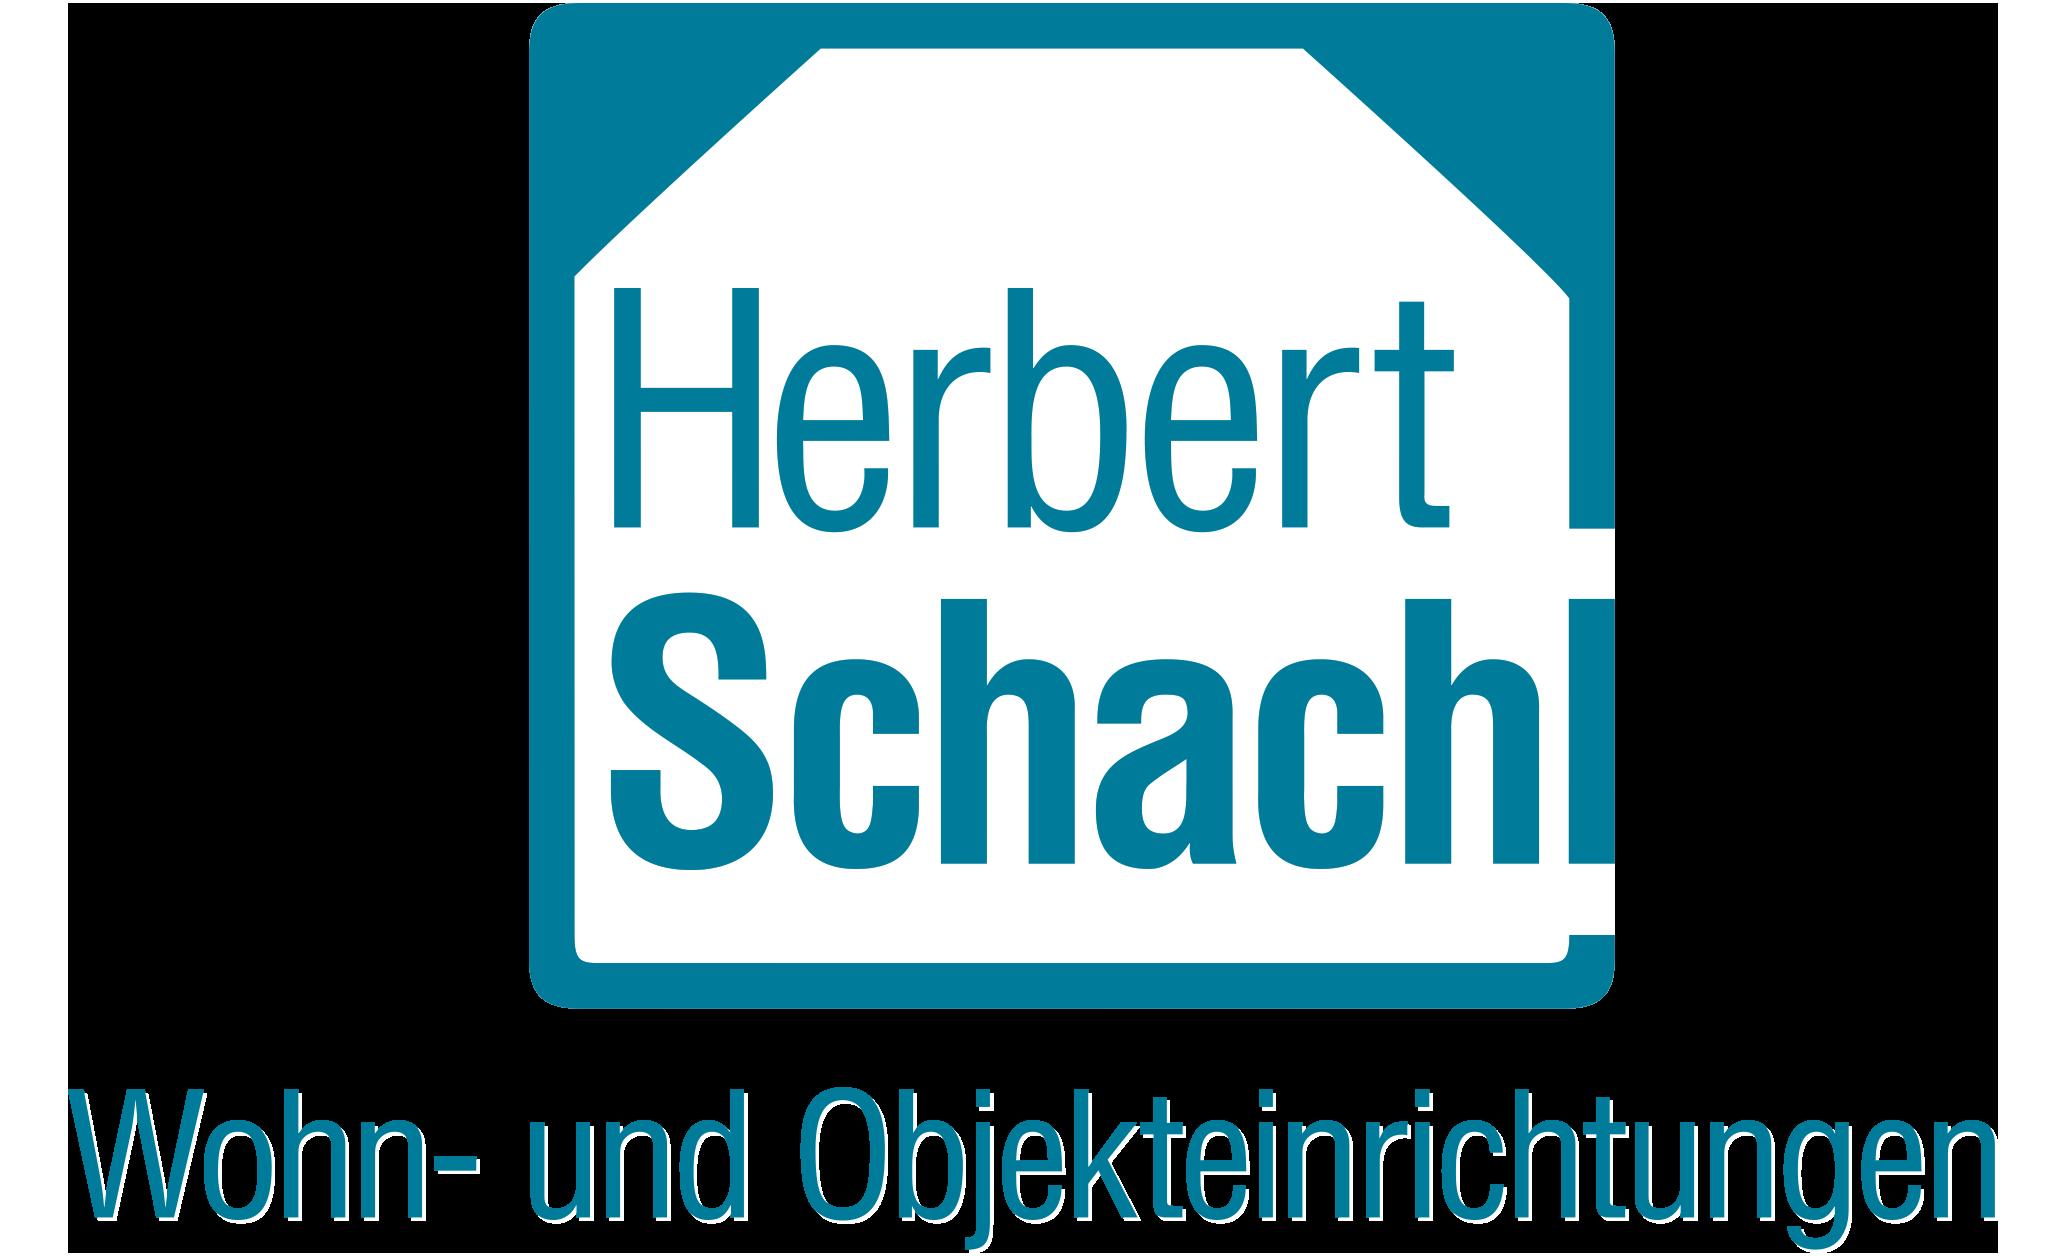 Herbert Schachl